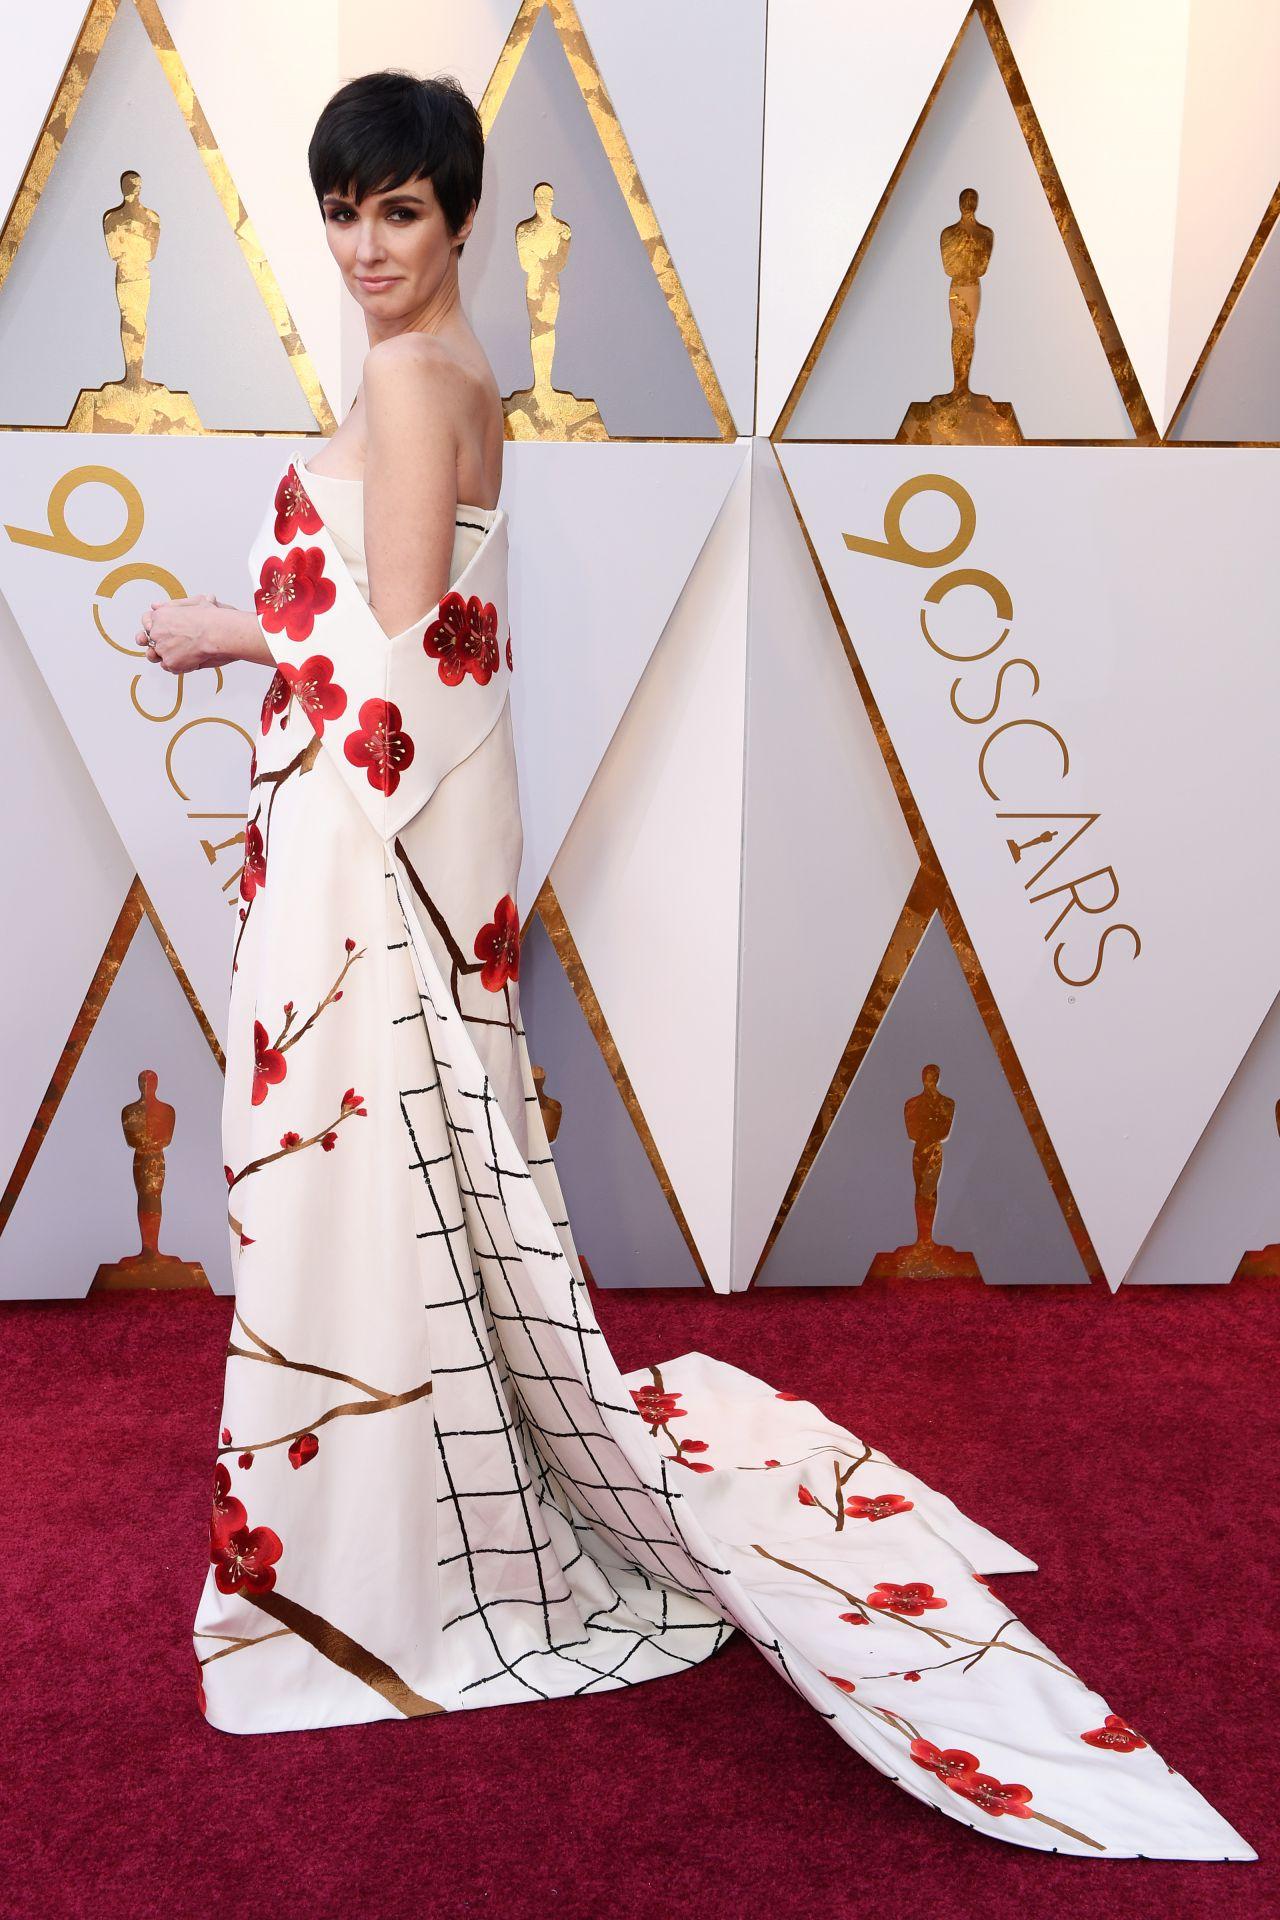 http://celebmafia.com/wp-content/uploads/2018/03/paz-vega-oscars-2018-red-carpet-0.jpg